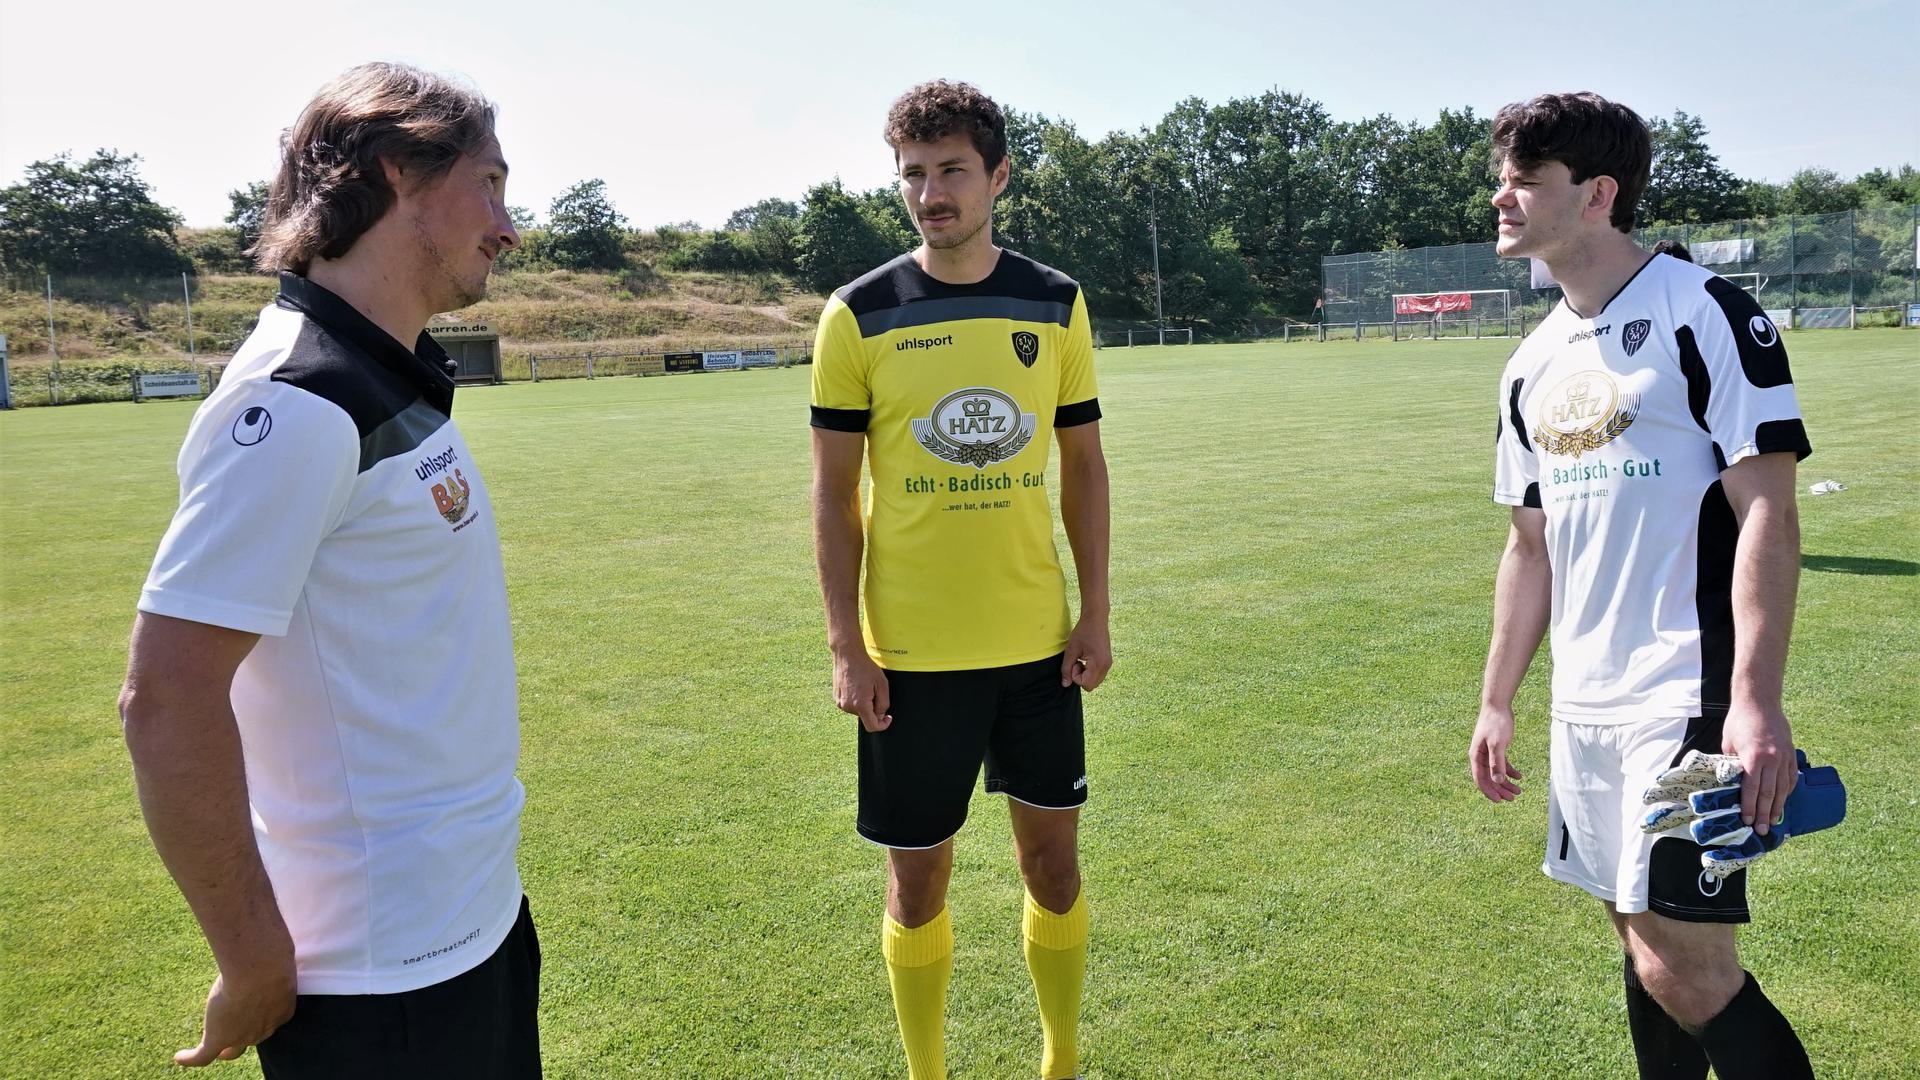 2 Juli 21 Neue Leute Fussball Mörsch Trainer links Hofmeier mitte Maximilian Schmitt rechts Niklas Volo 3